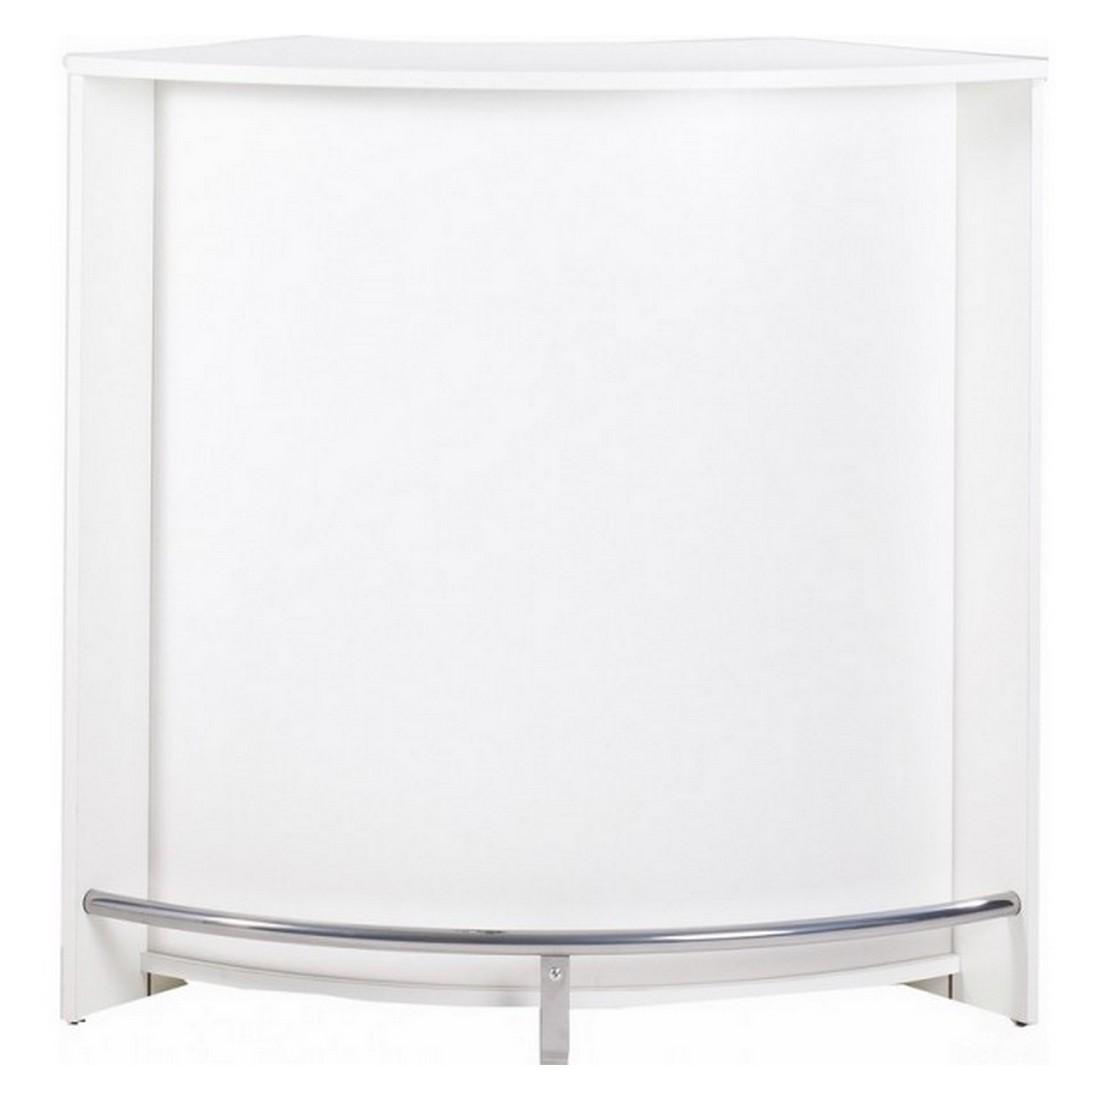 meuble bar comptoir de cuisine meuble d 39 accueil coloris blanc. Black Bedroom Furniture Sets. Home Design Ideas